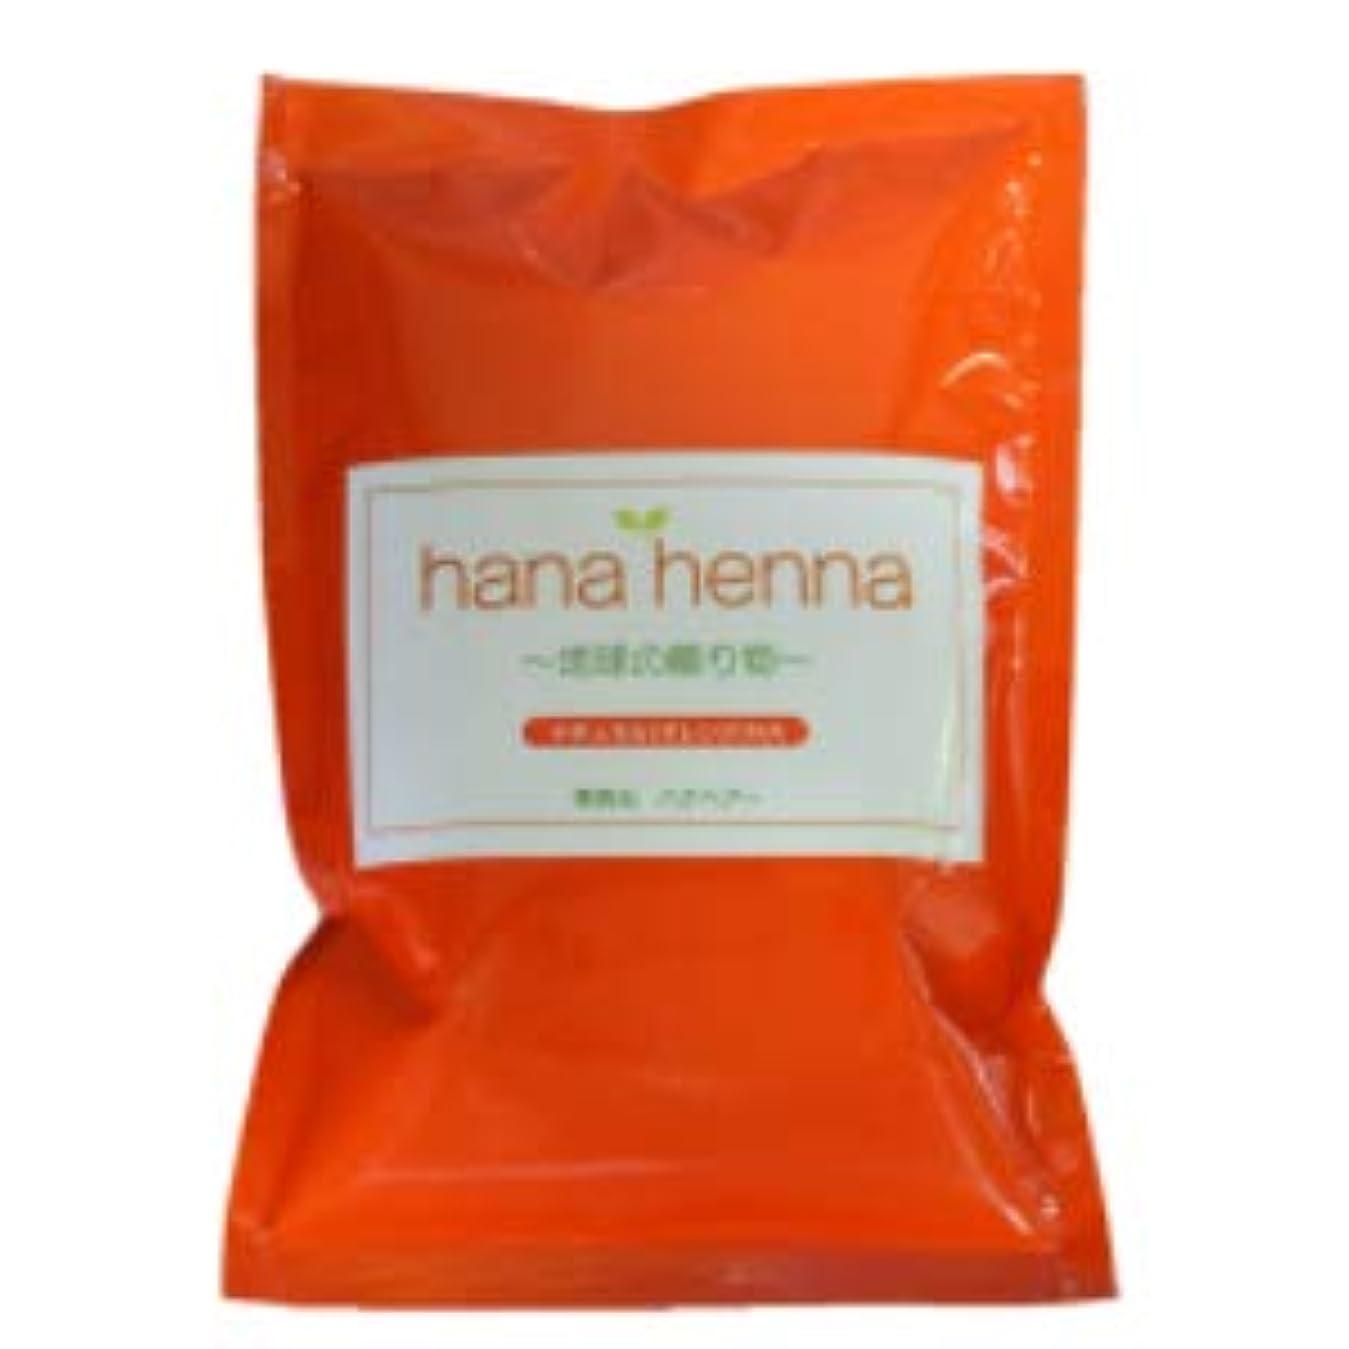 アシュリータファーマン裏切り者もう一度hana henna ハナヘナ ナチュラル(オレンジ)100g